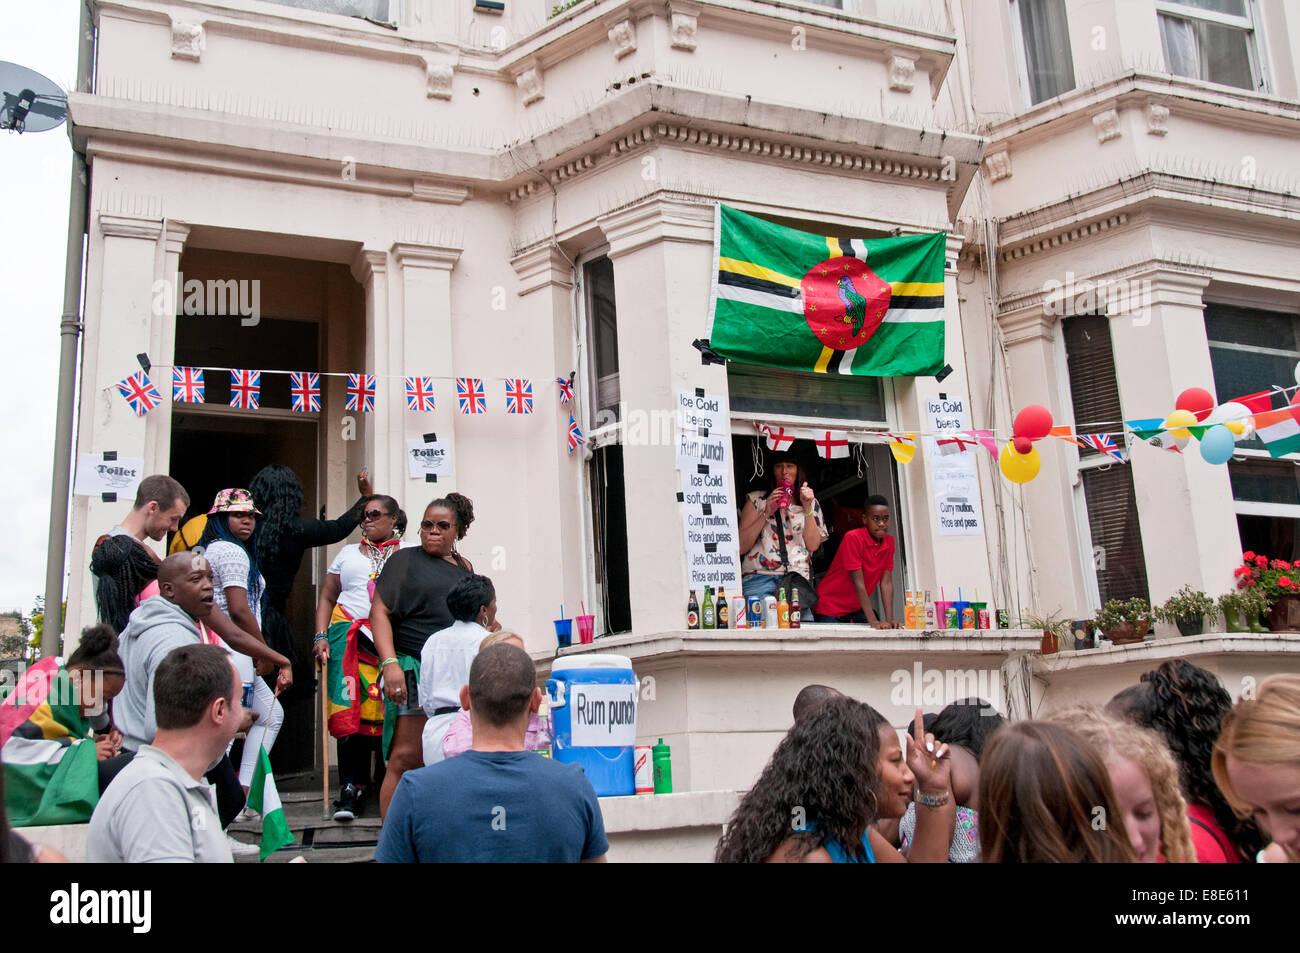 Verkauf von Essen und trinken aus ihren Häusern während der jährlichen Notting Hill Carnival in London Stockbild